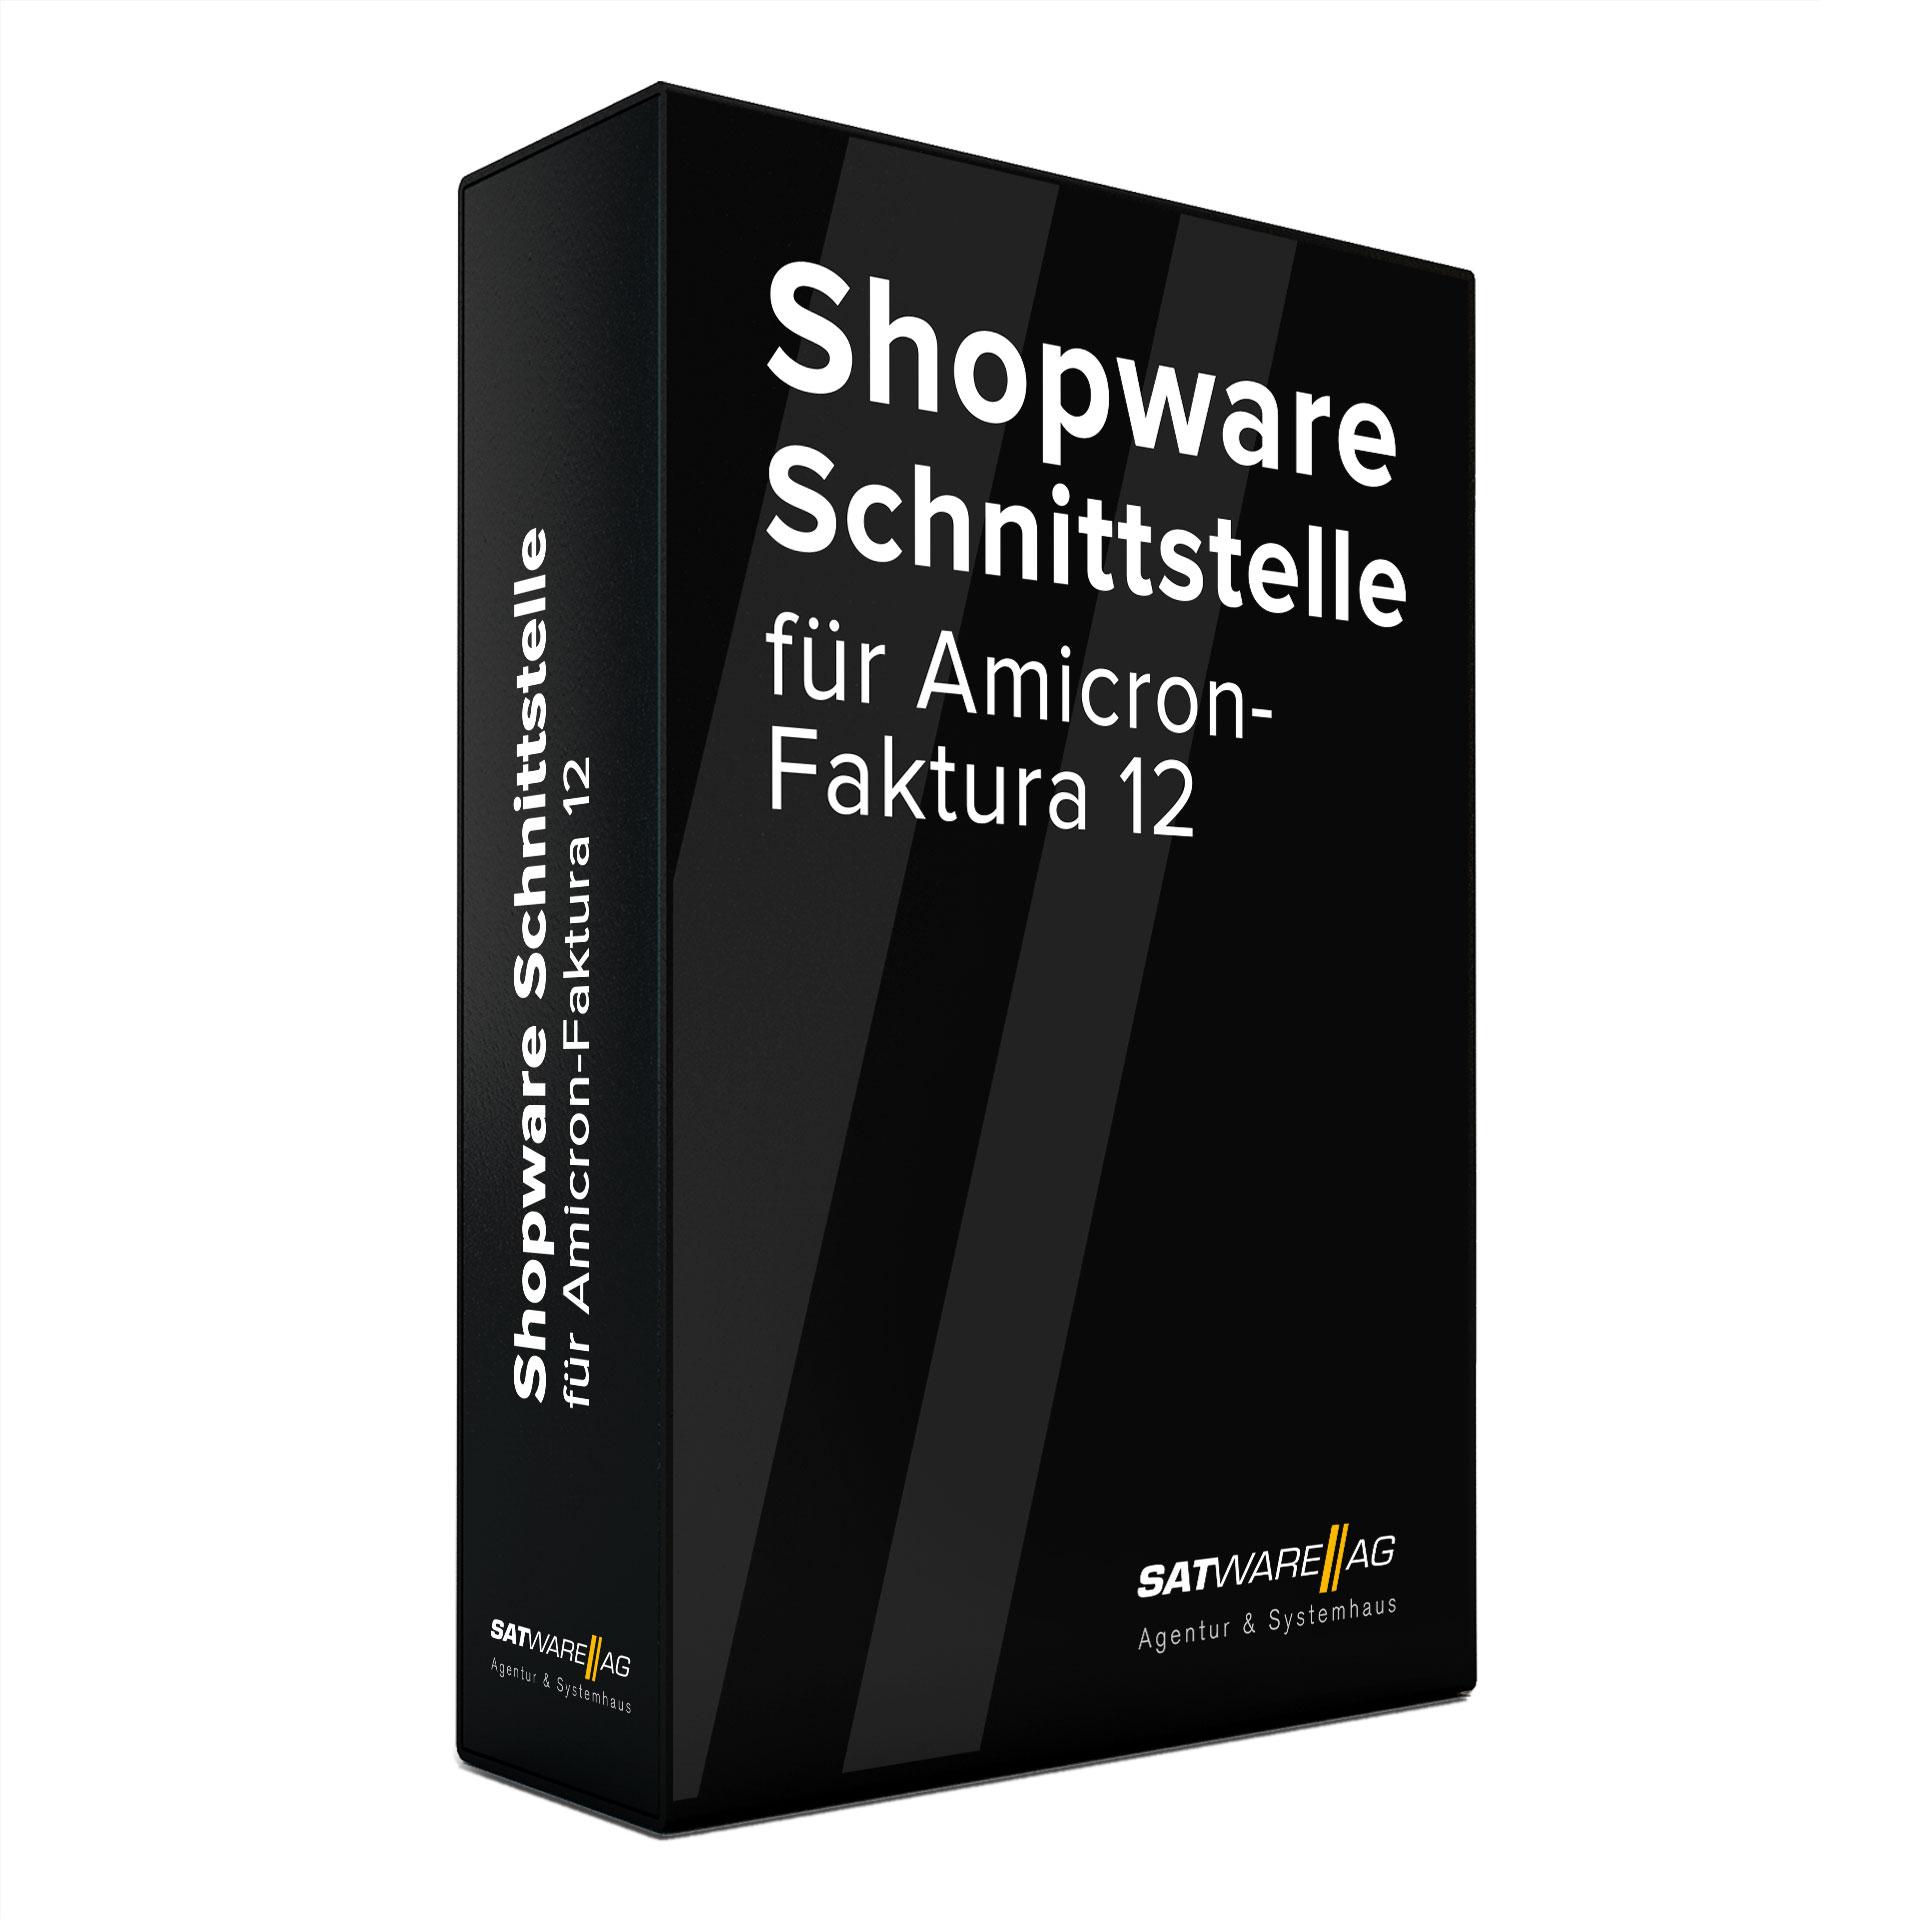 """Unser Plugin """"Amicron Faktura Schnittstelle"""" erfüllt die Shopware Certified Voraussetzungen"""